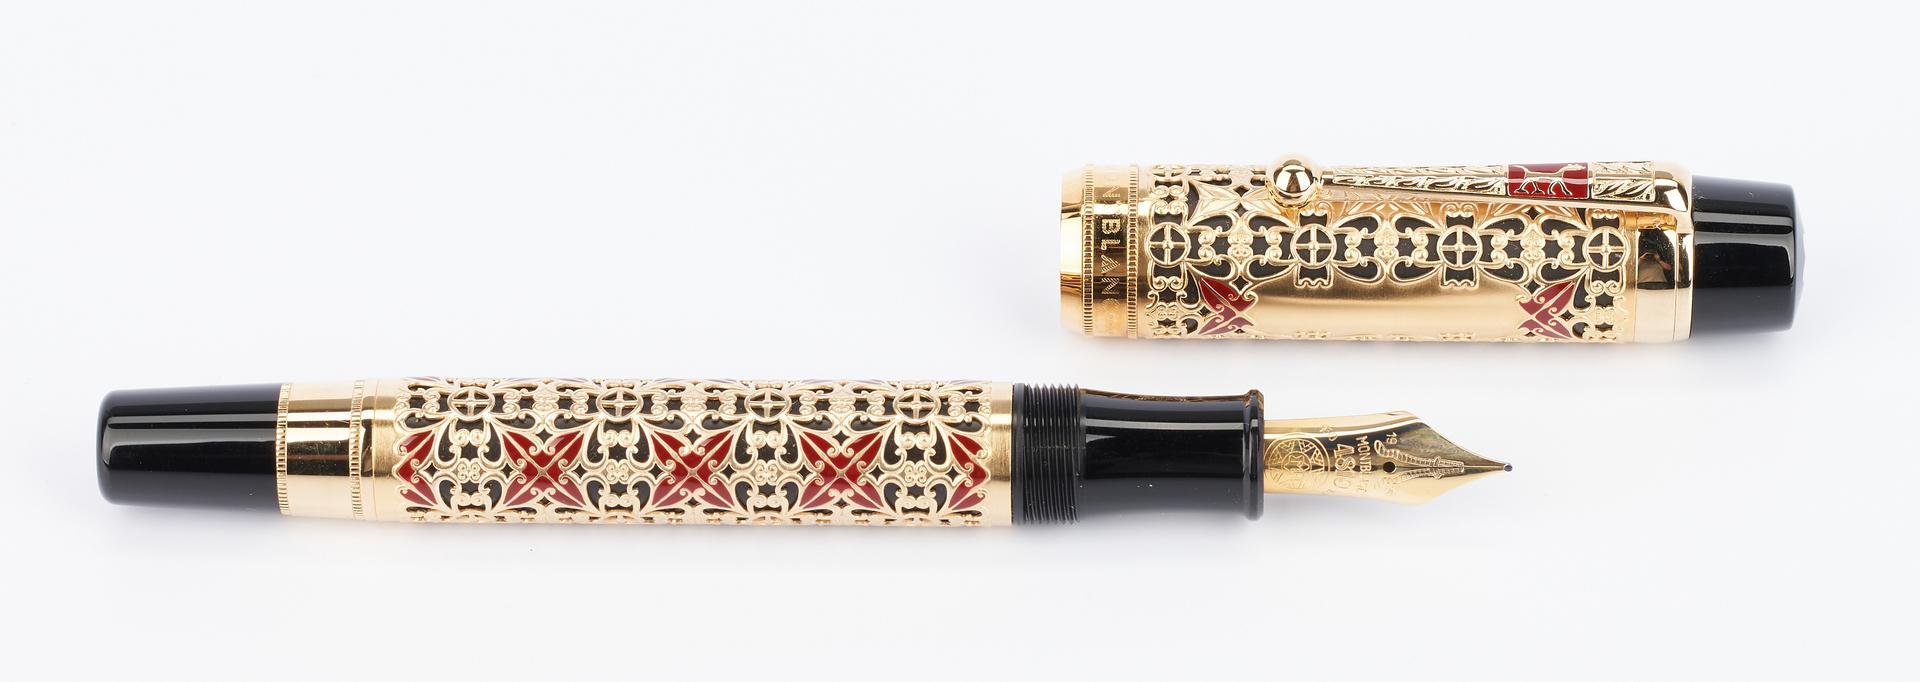 Lot 49: Montblanc Semiramis 4810 Fountain Pen